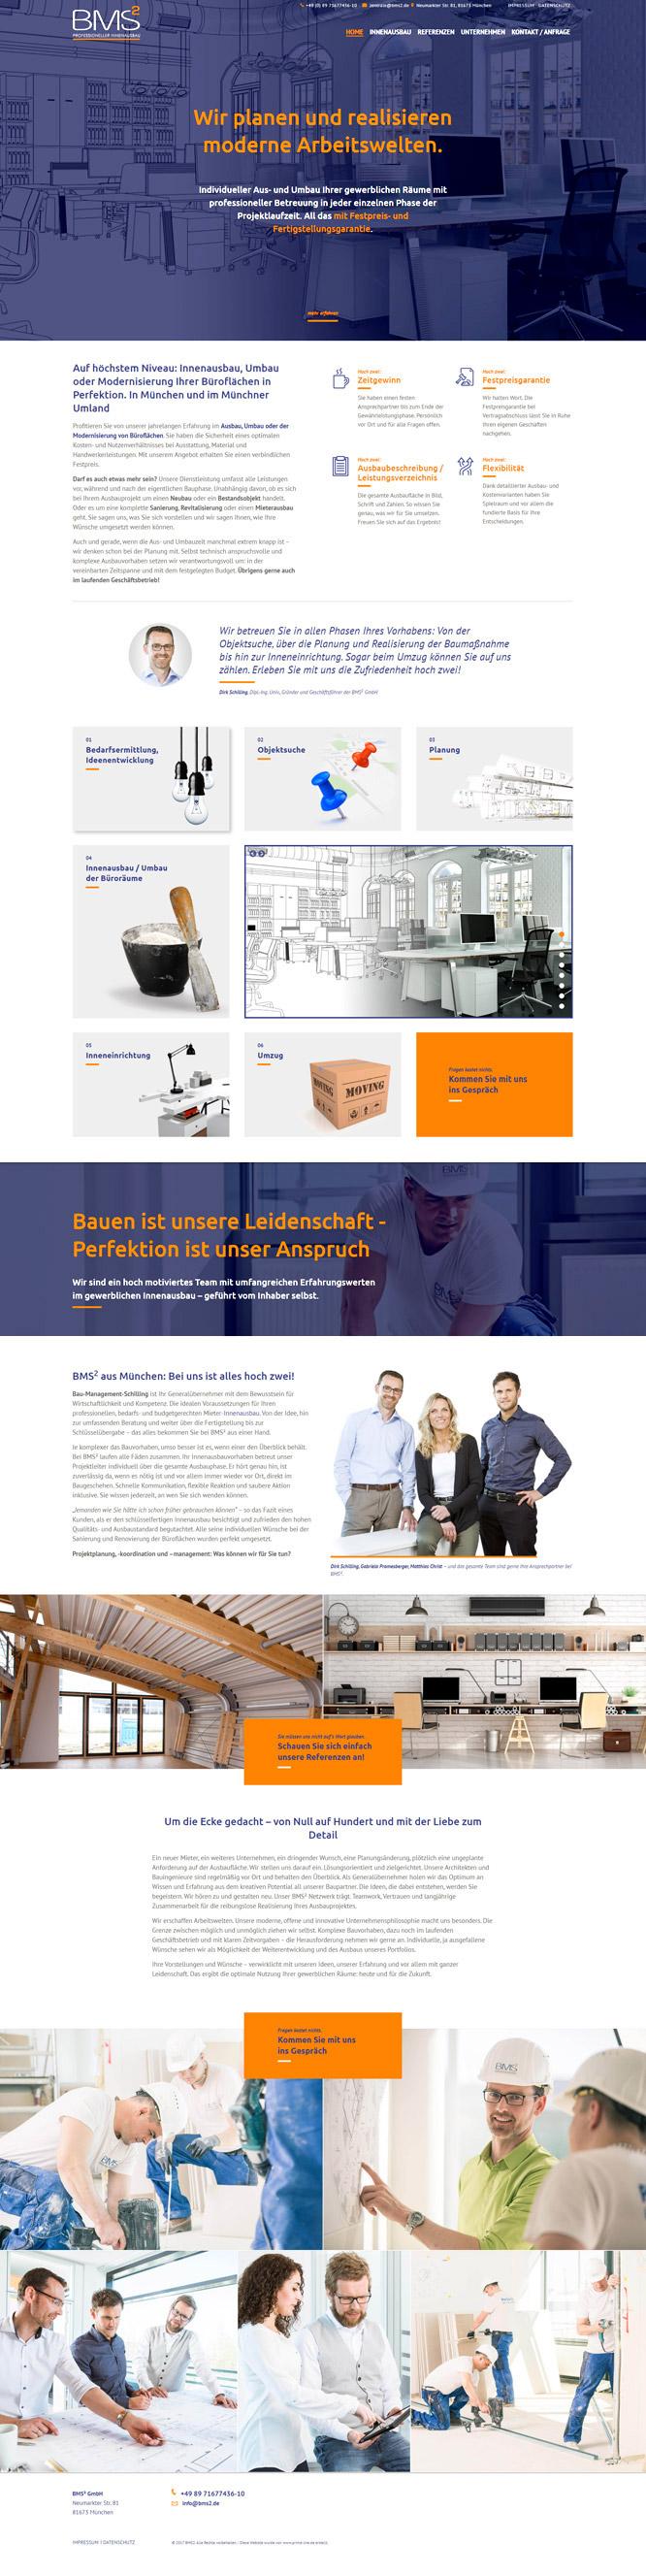 PRIMA LINE Berlin erstellt eine Website für BMS2 – Innenausbau aus München